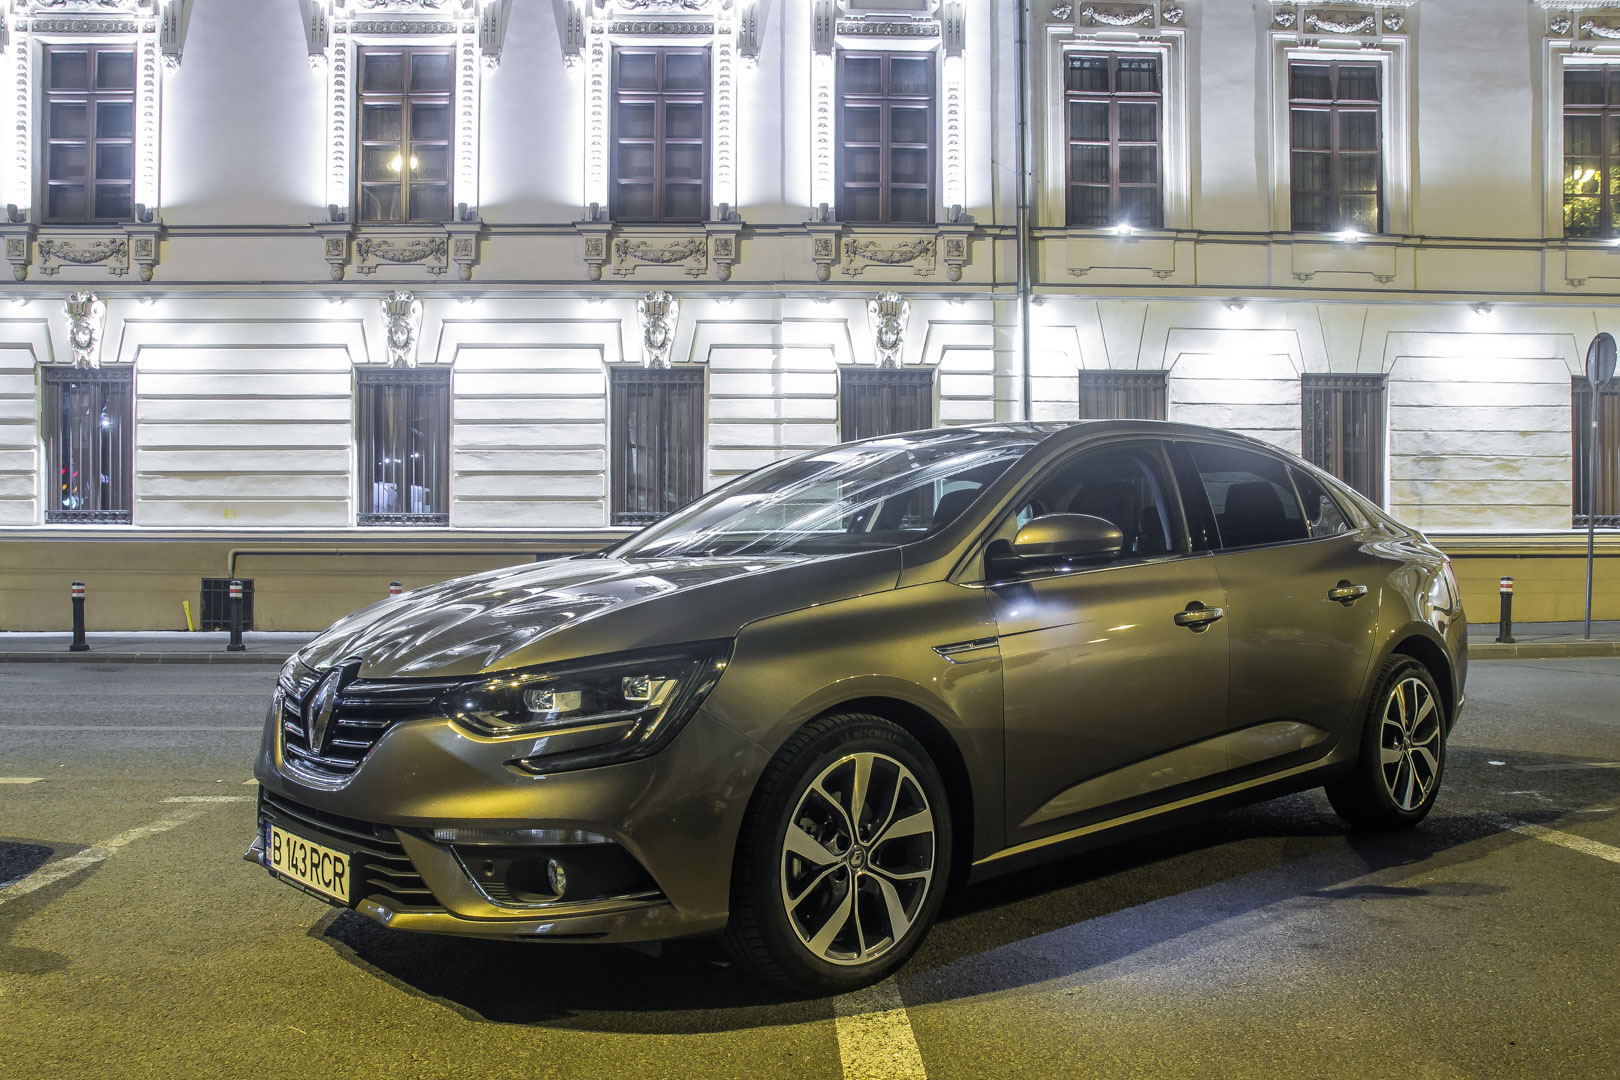 Drive test Renault Megane Sedan 1.2l TCe EDC7 Intens